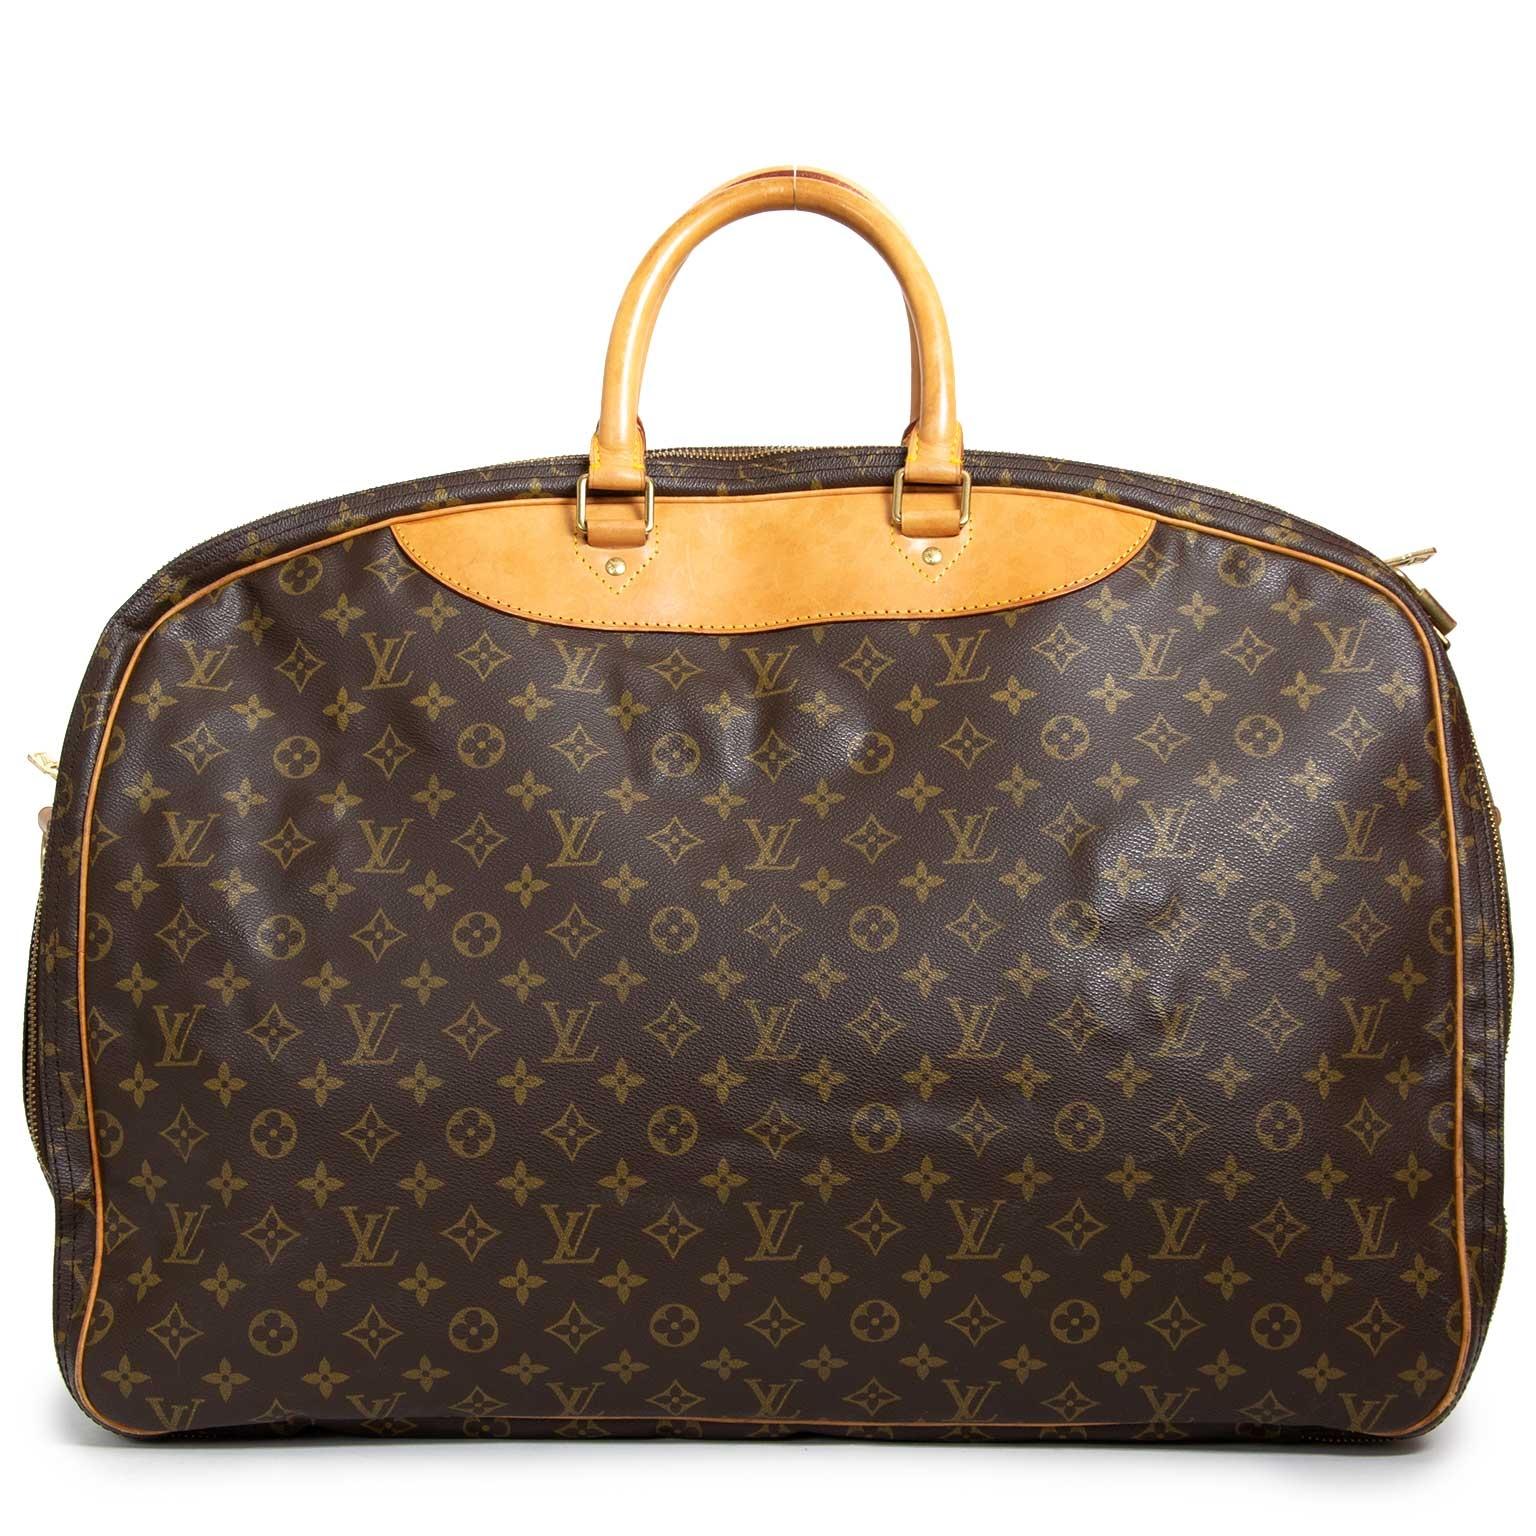 42fc43017fb ... louis vuitton monogram alize bag now for sale at labellov vintage  fashion webshop belgium